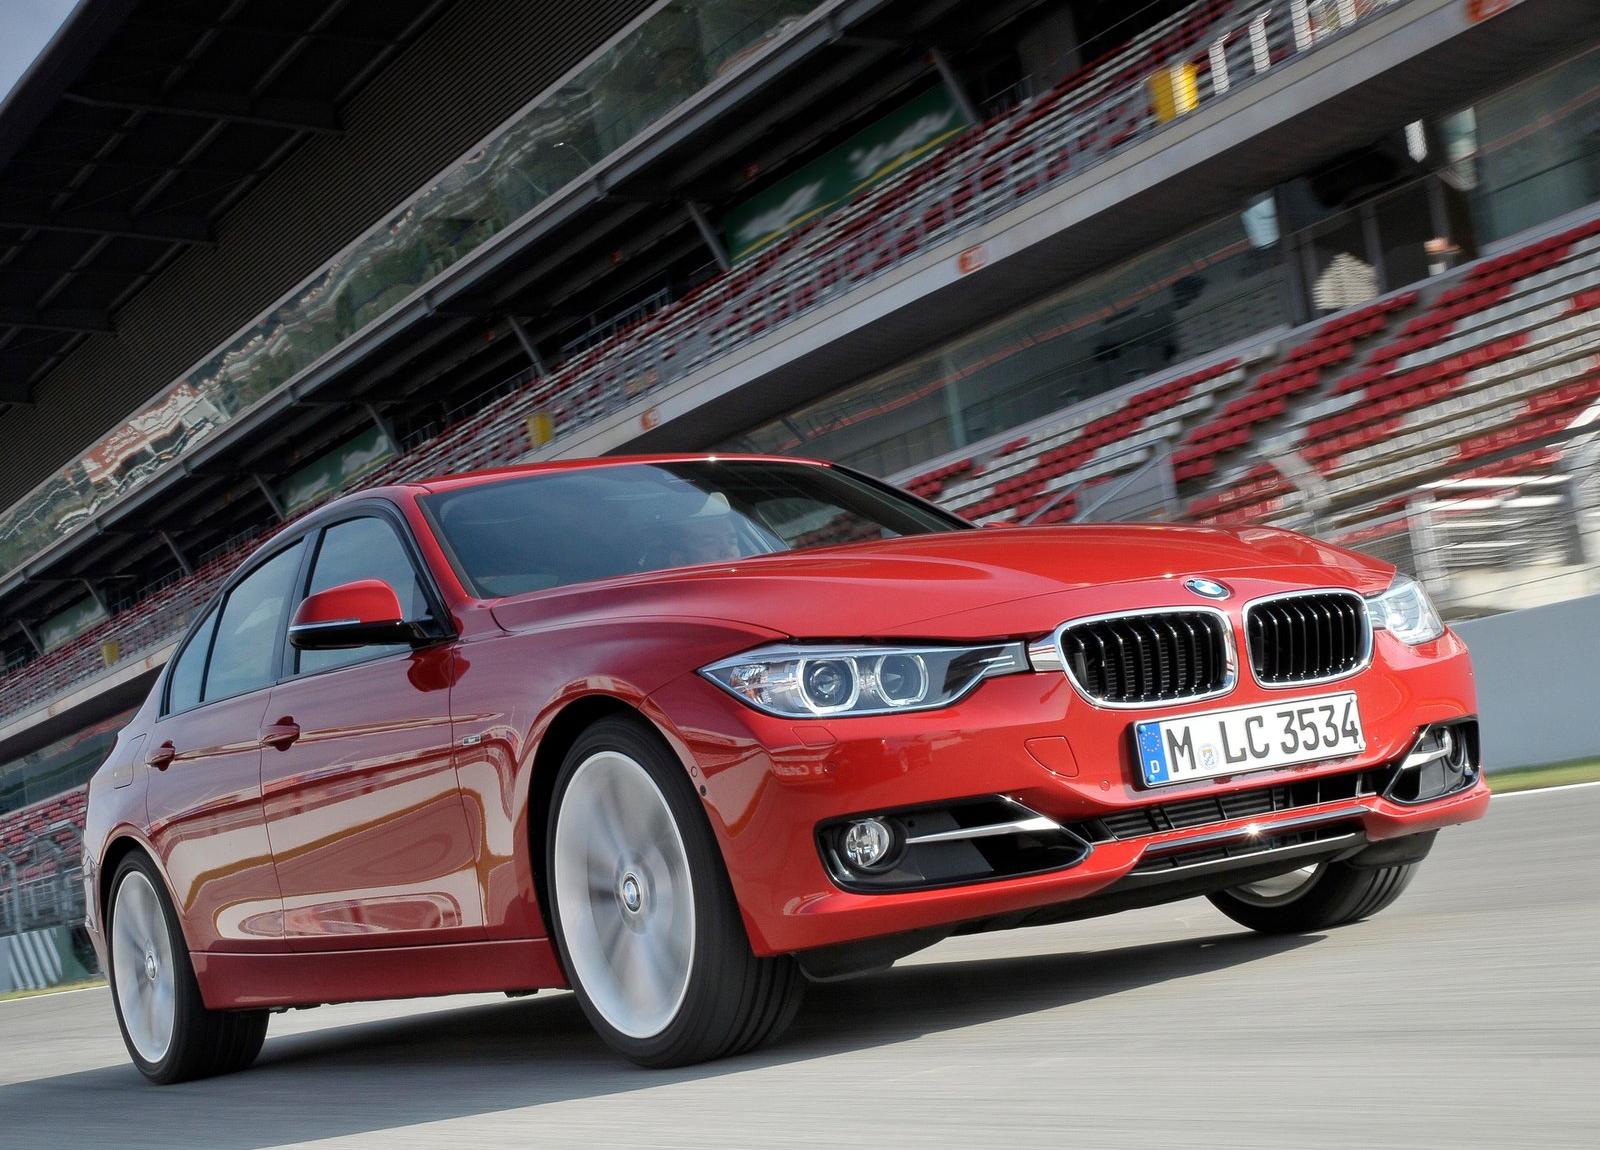 http://3.bp.blogspot.com/-dJmFwJGQrjM/UCp01bTkJsI/AAAAAAAAHGA/o9yp_tVUE14/s1600/BMW-3-Series_2012_1600x1200_wallpaper_1a.jpg